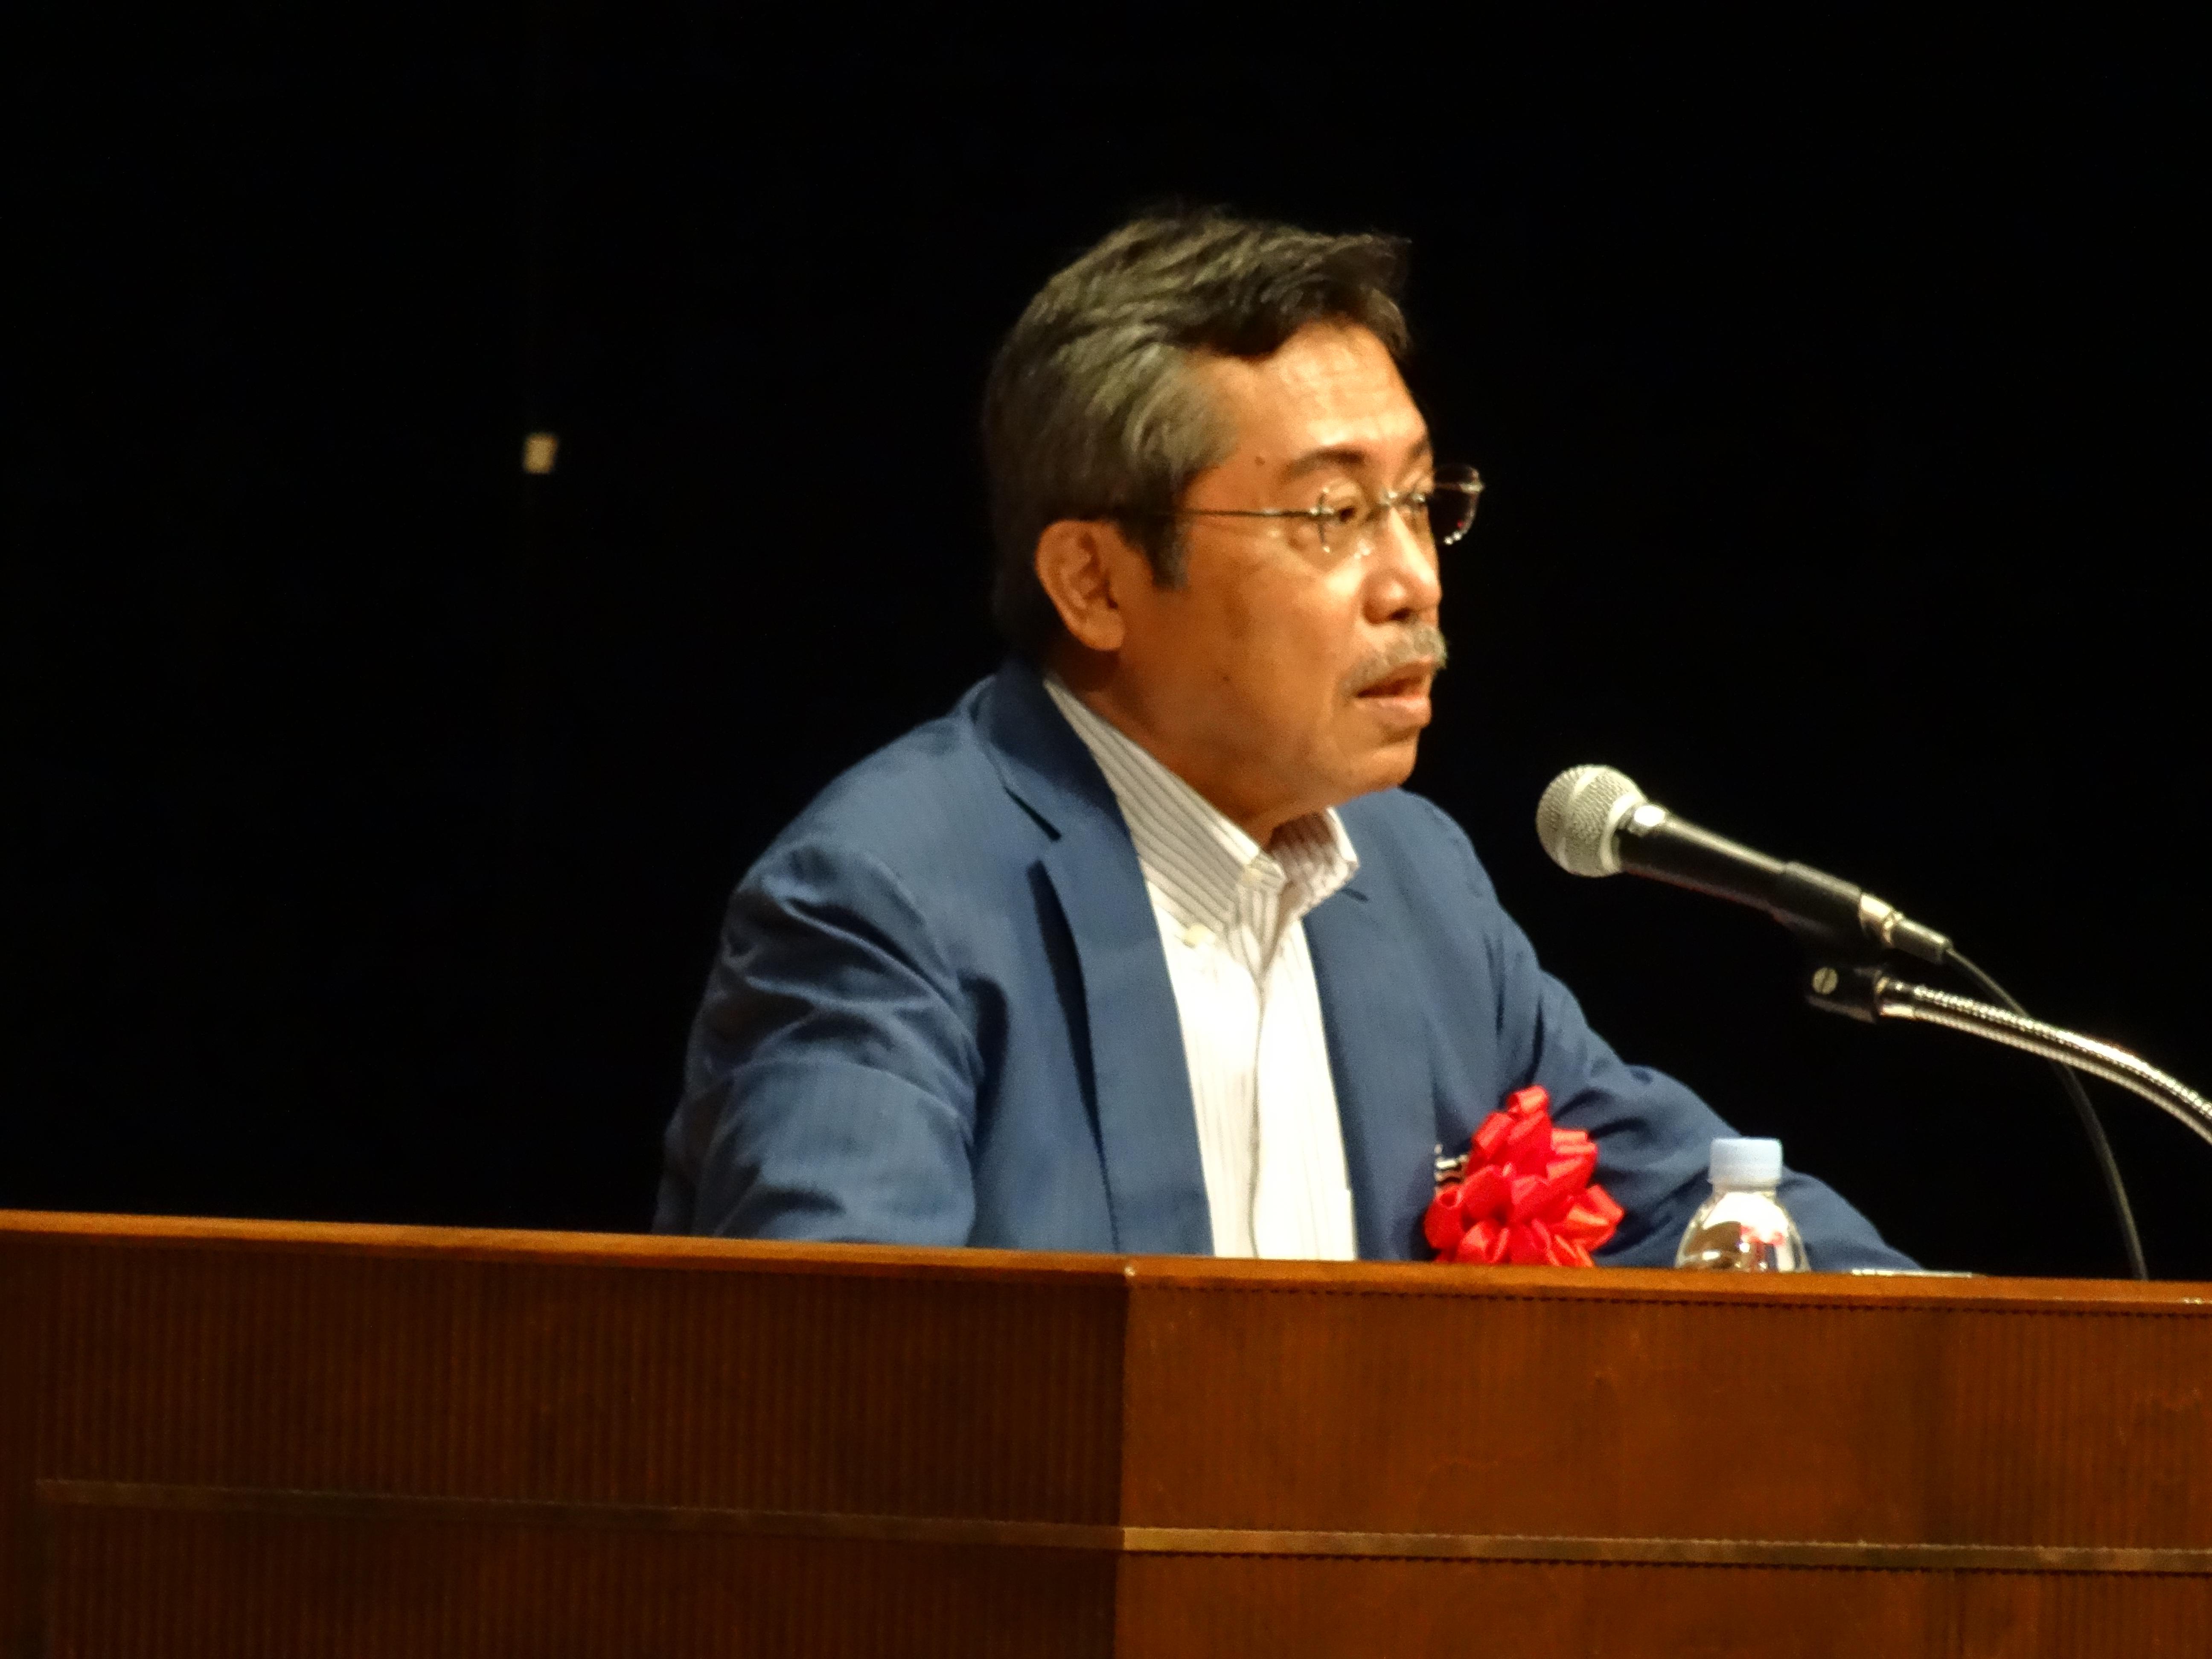 2016/9/29 弘兼憲史先生の講演を聴いてきました